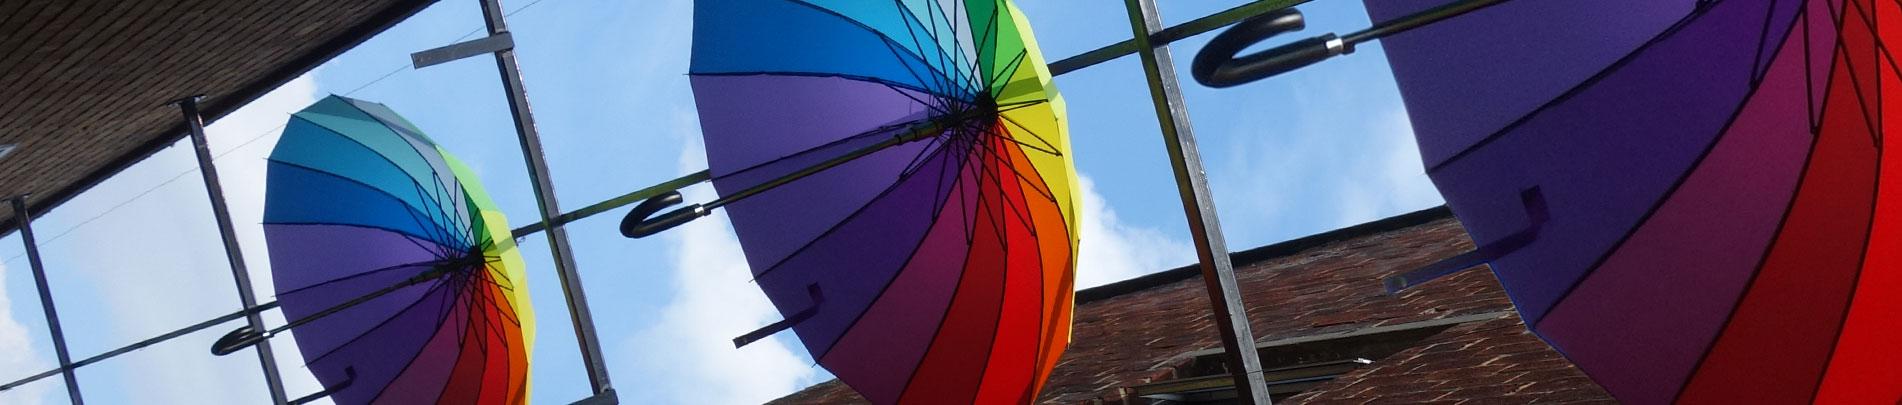 Umbrella Alley Art Installation